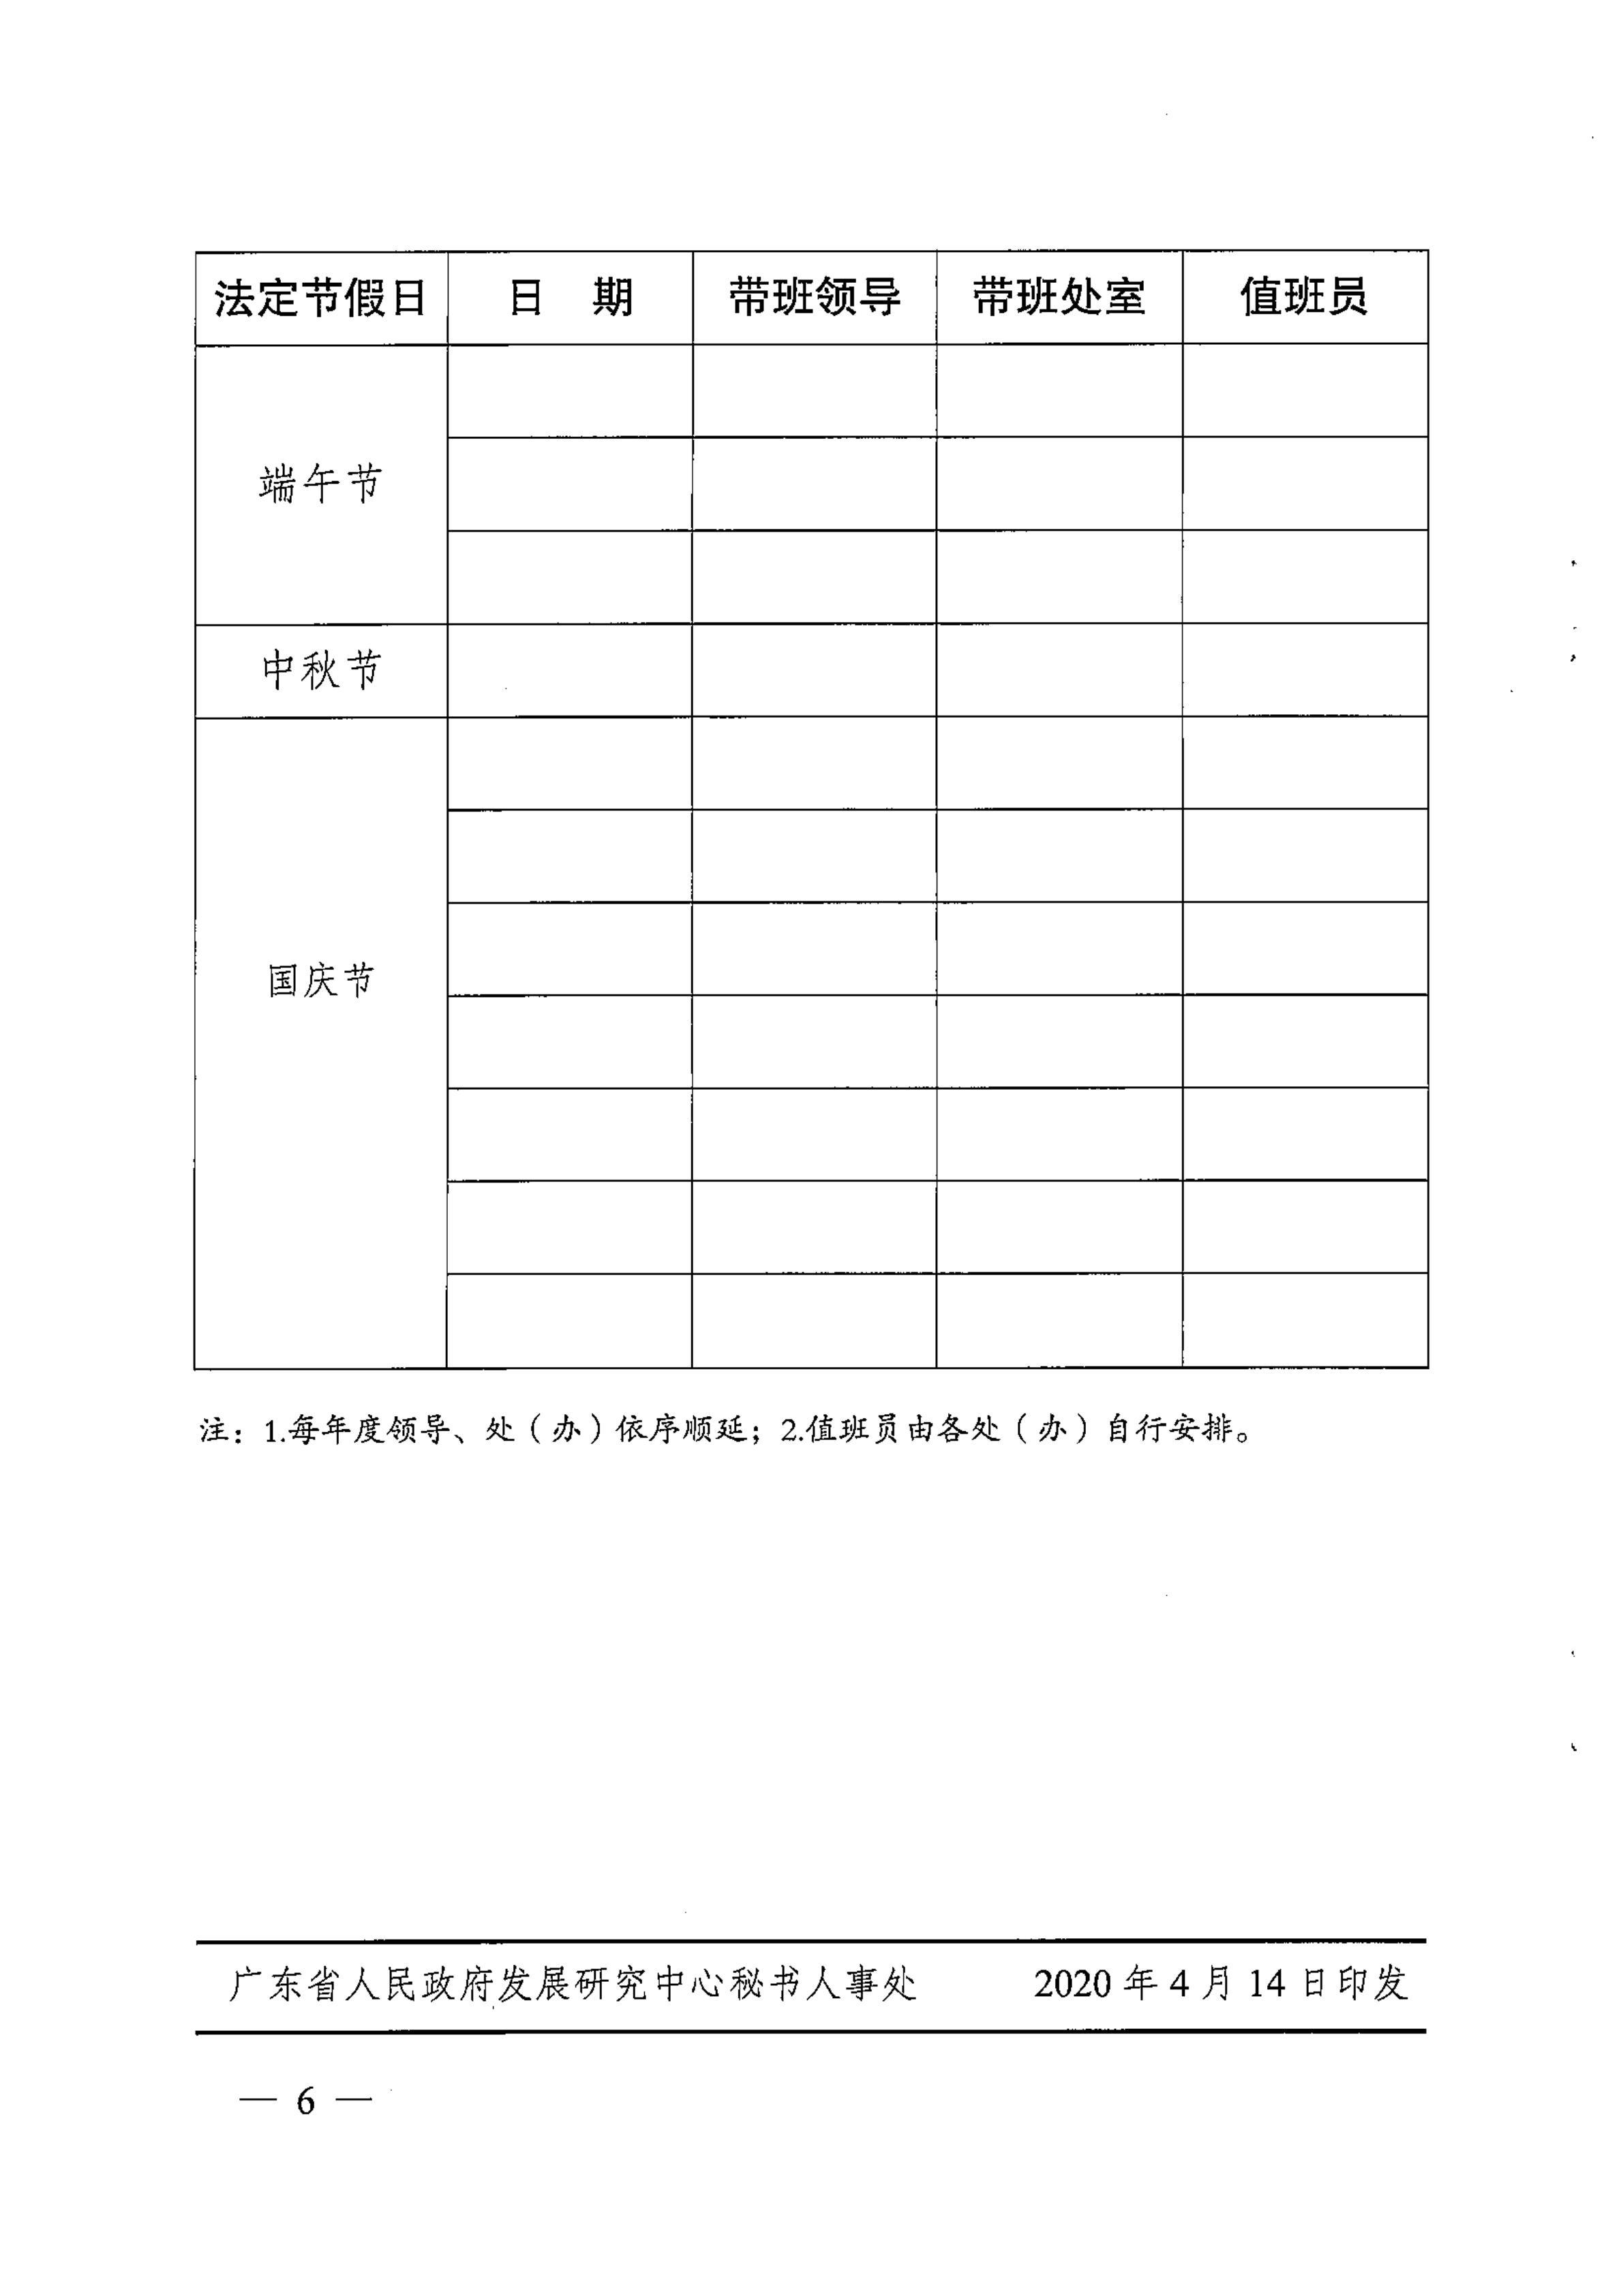 关于印发《广东省人民政府发展研究中心节假日值班规定》的通知_05.jpg